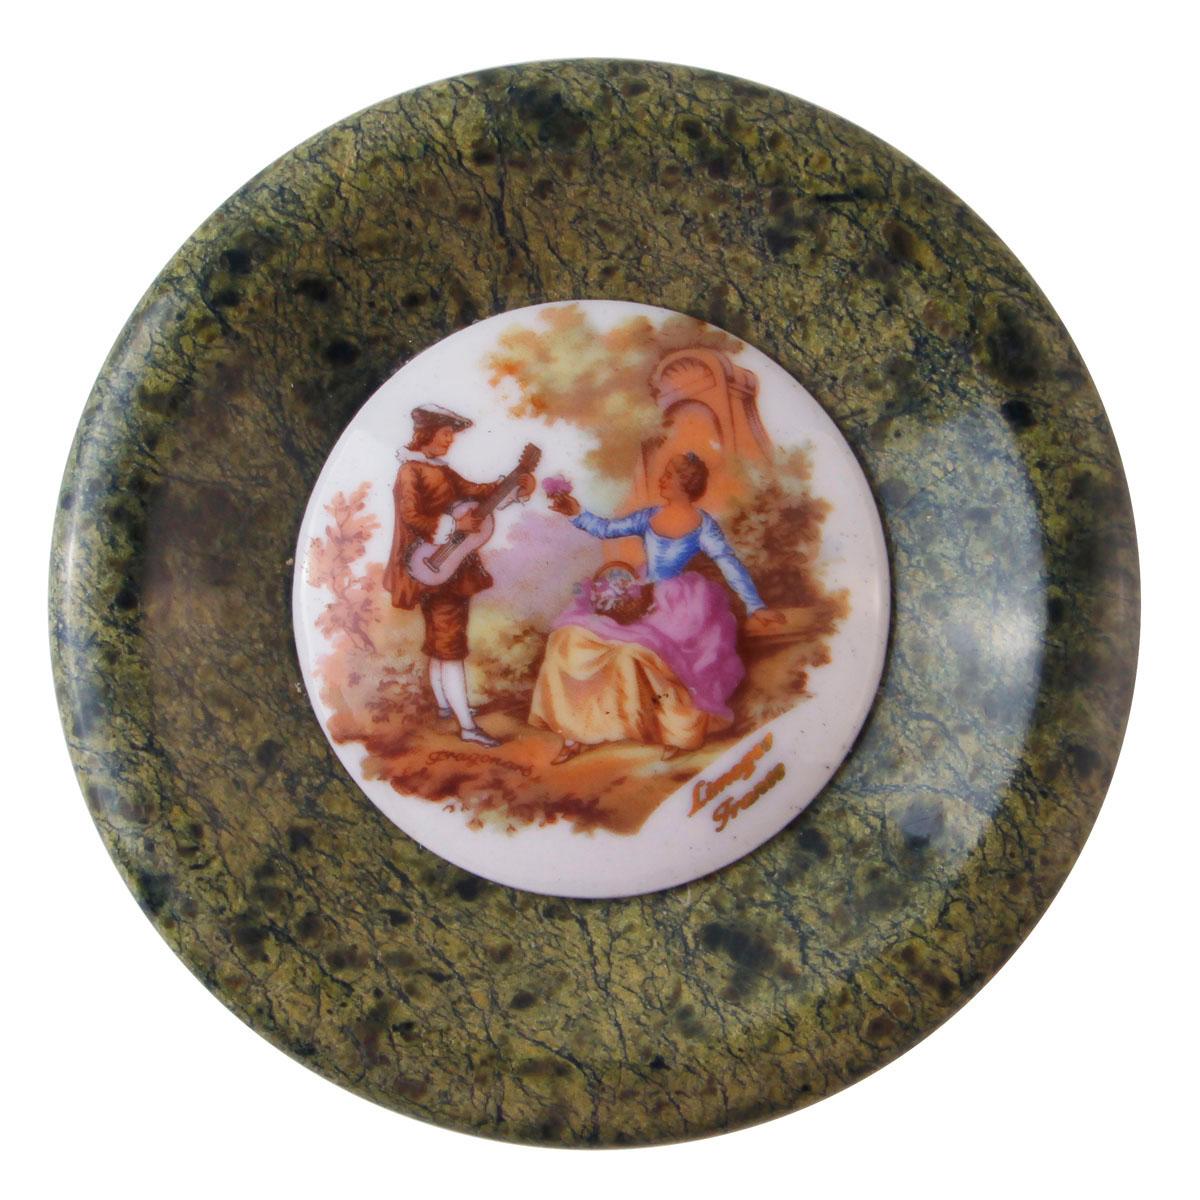 Пепельница Галантный век. Фарфор, роспись, змеевик. Limoges, Франция, вторая половина XX века louane limoges